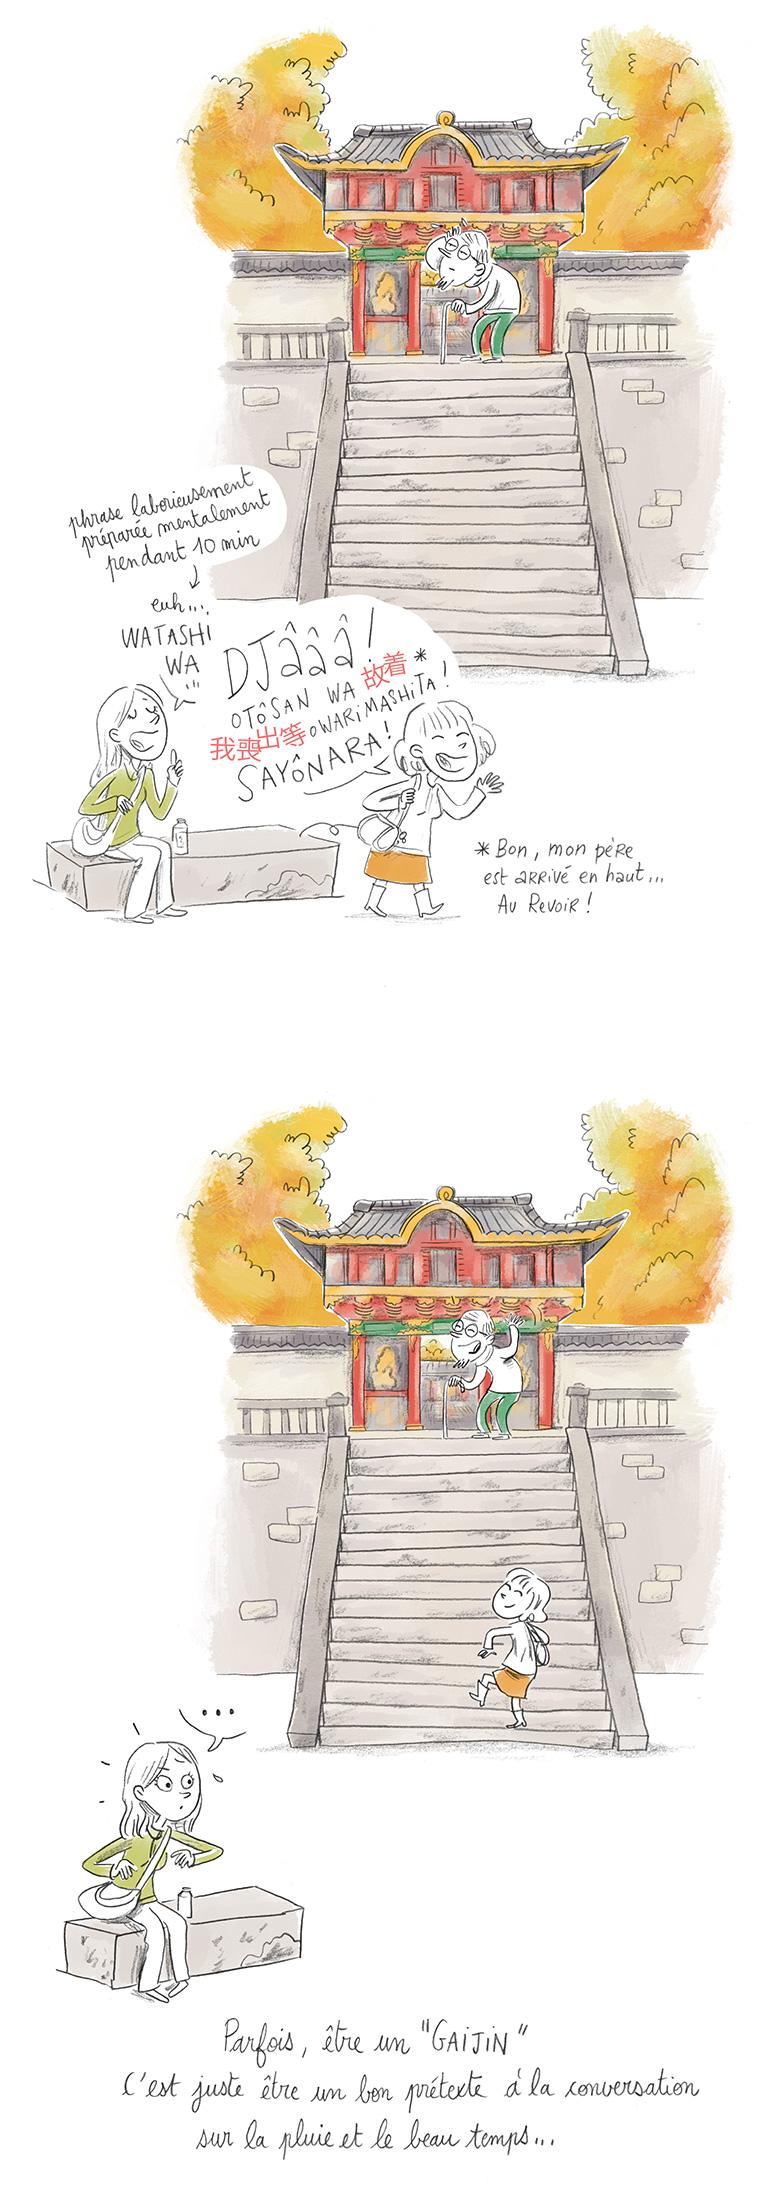 Gaijin étrangers Japon